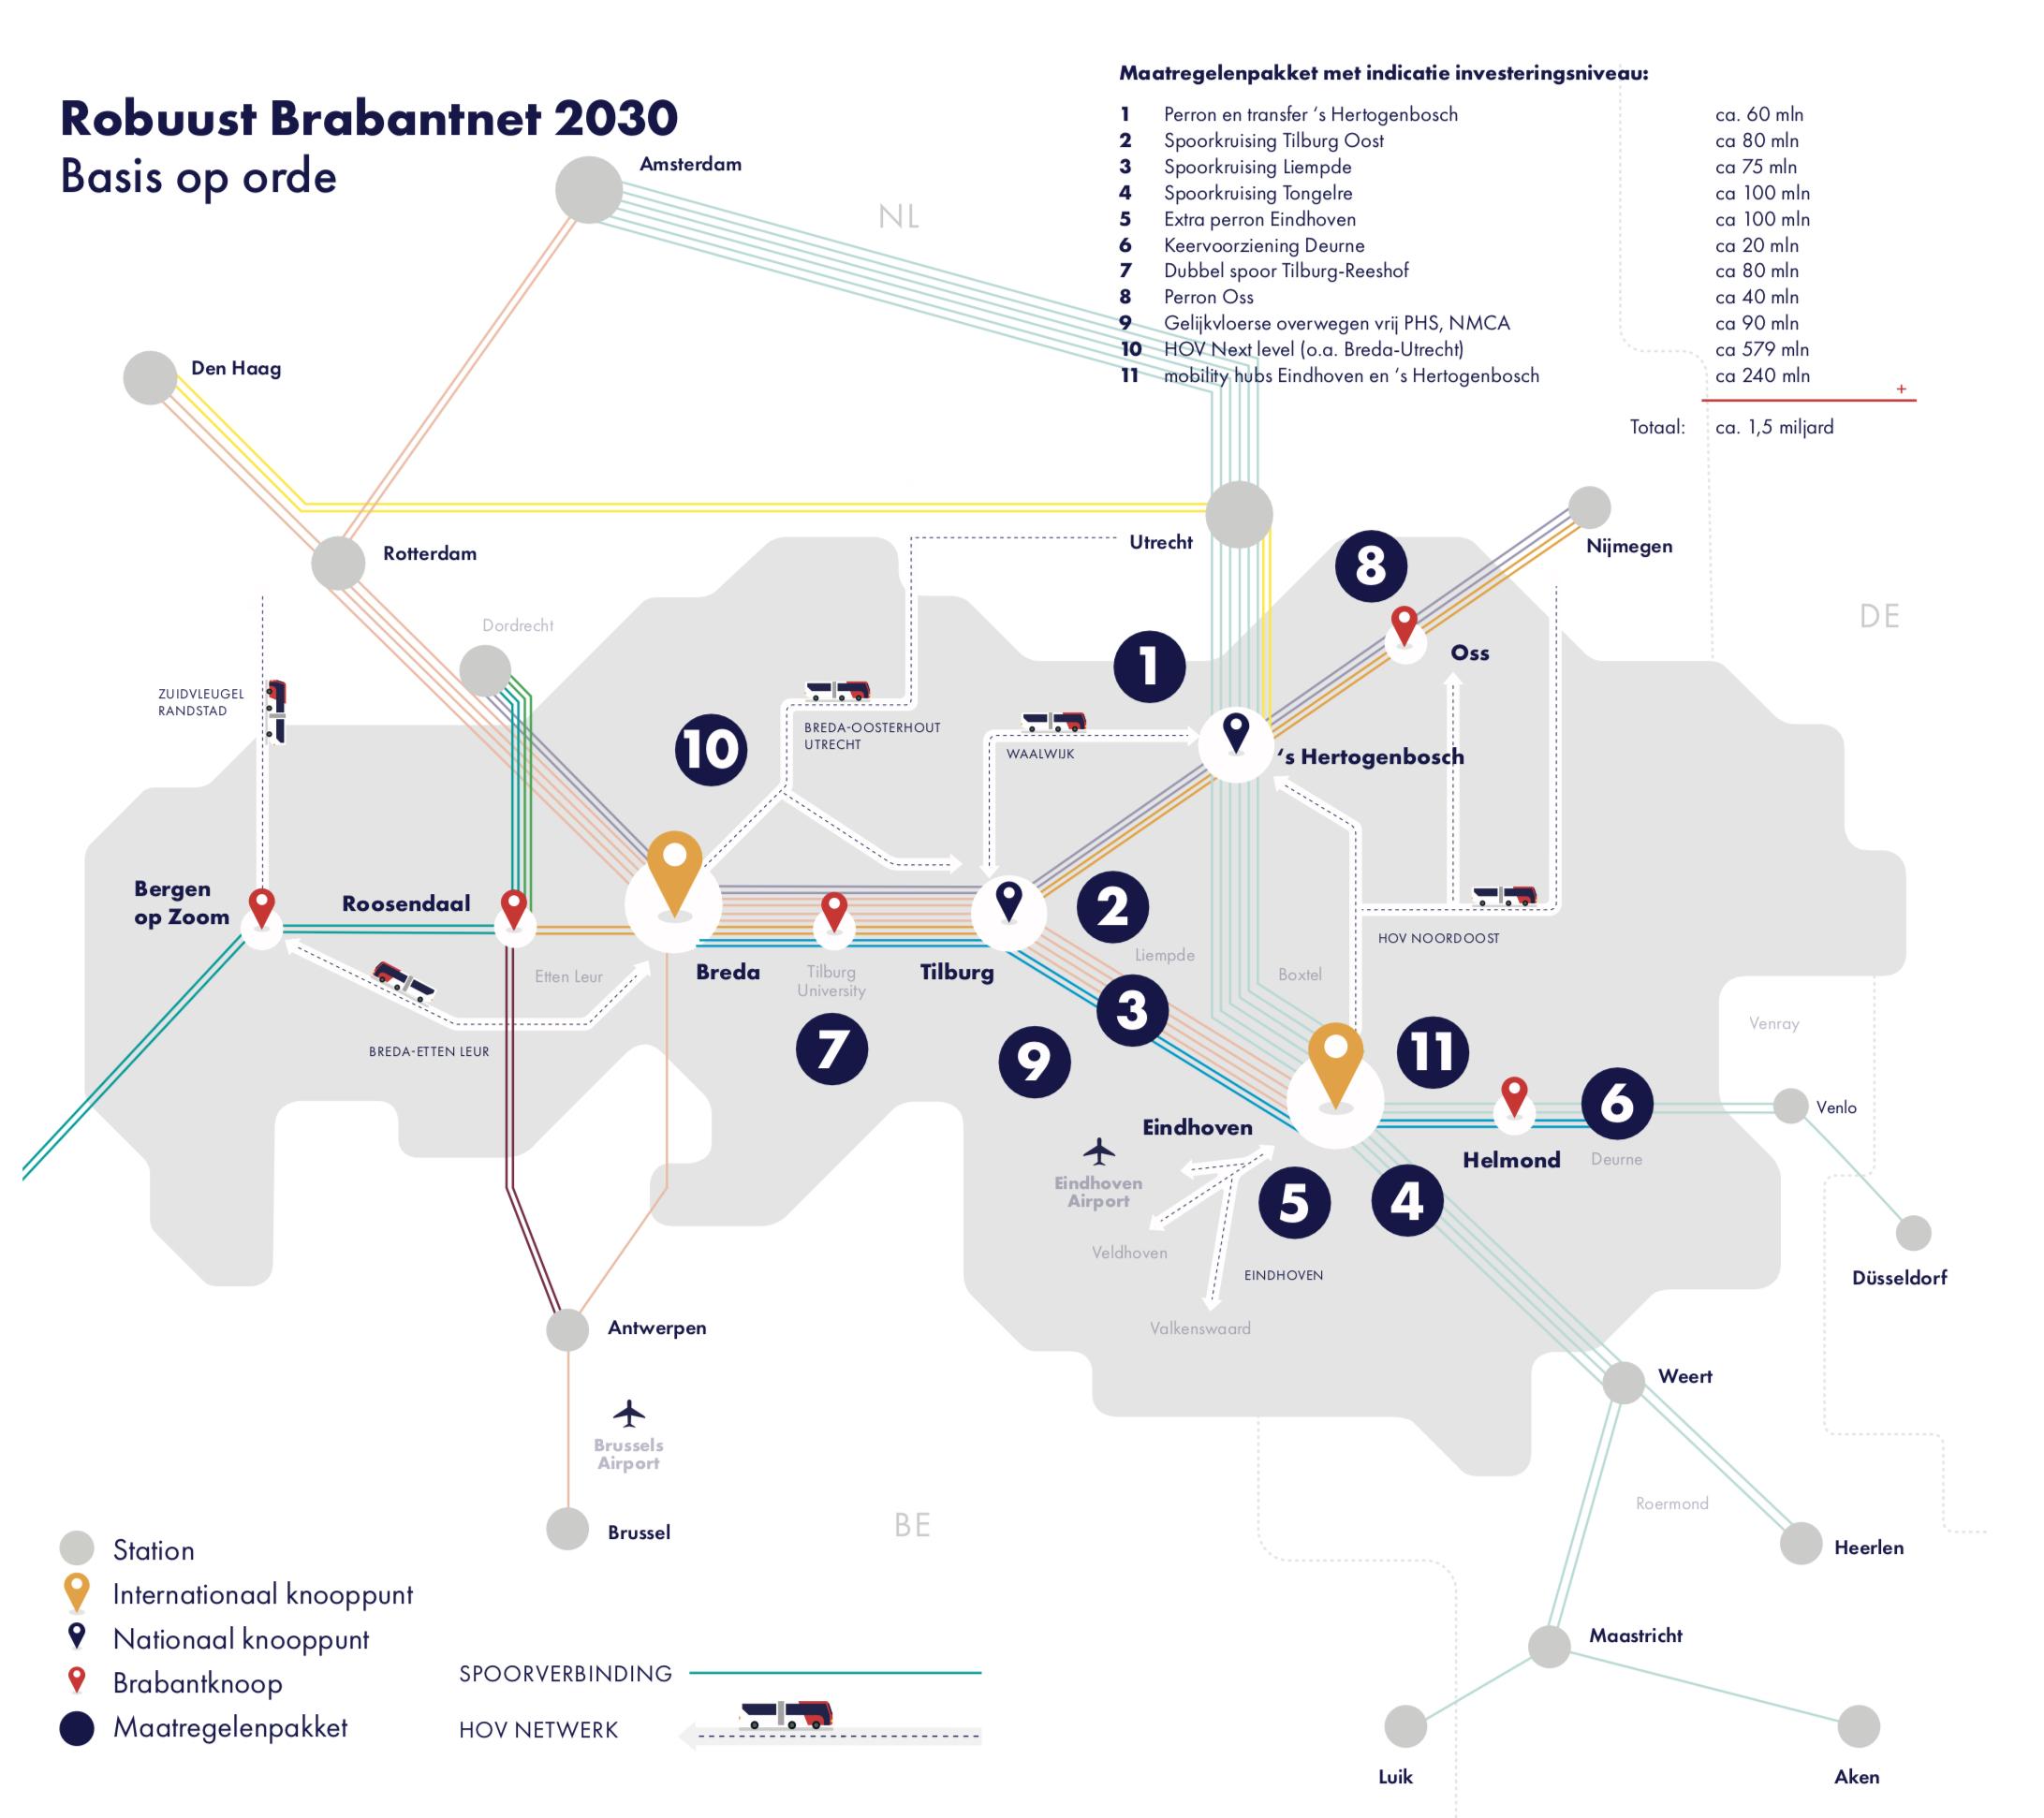 15 Miljard Nodig Voor Ov In Brabant